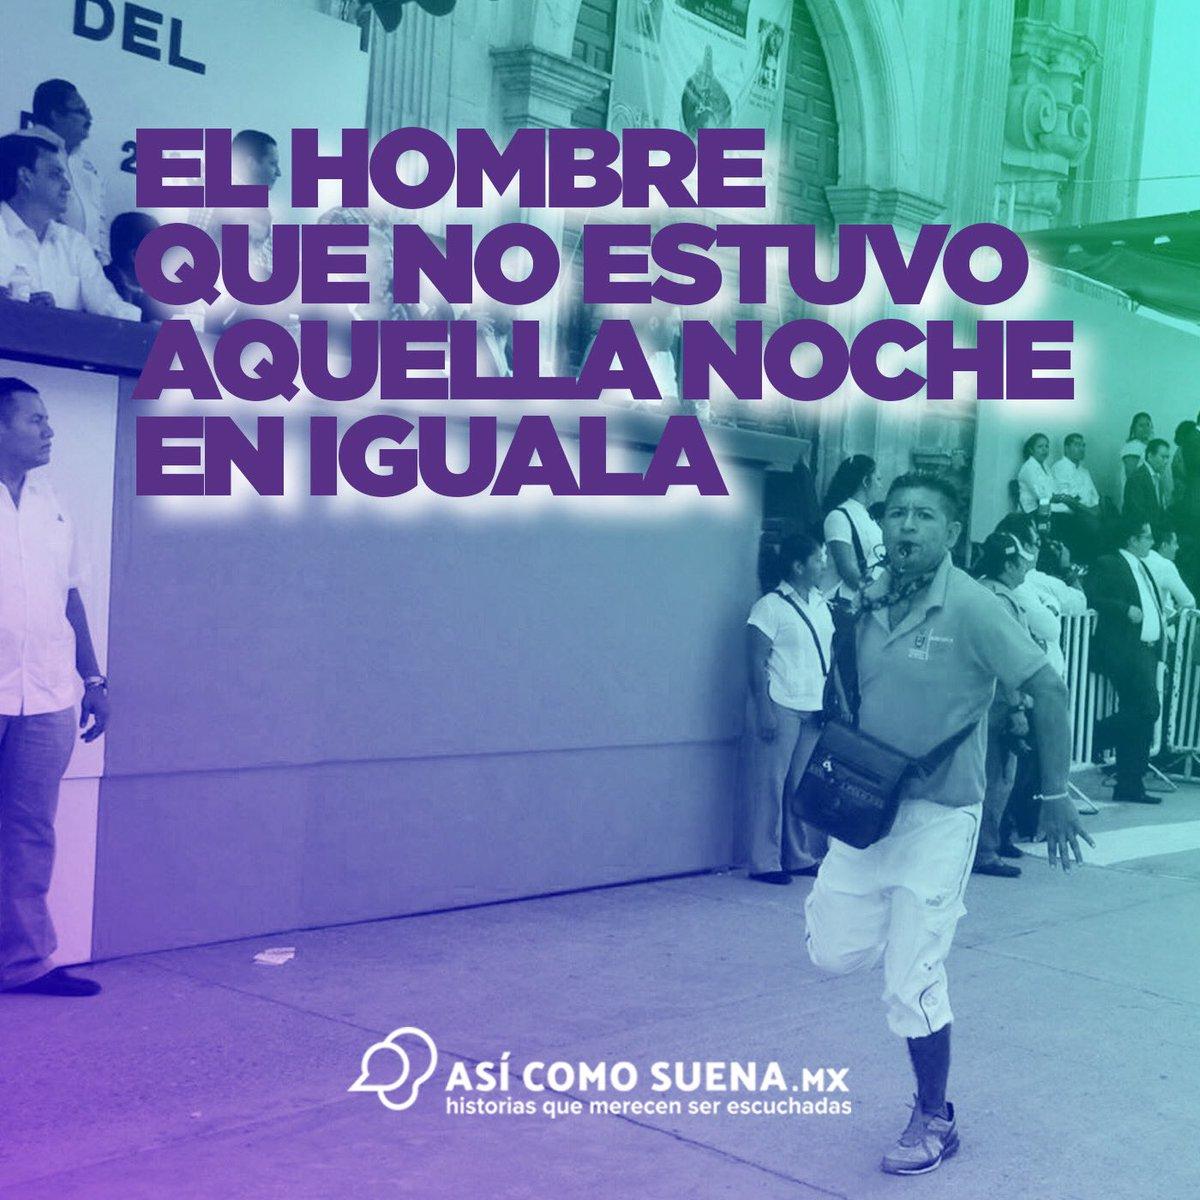 ¡Increíblemente felices y orgullosos por el triunfo del reportaje 'El hombre que no estuvo aquella noche en Iguala' de @galiagarciap en el #PremioNacionalDePeriodismo 2019 dentro de la categoría de podcast! ¡Gracias por todas sus felicitaciones!